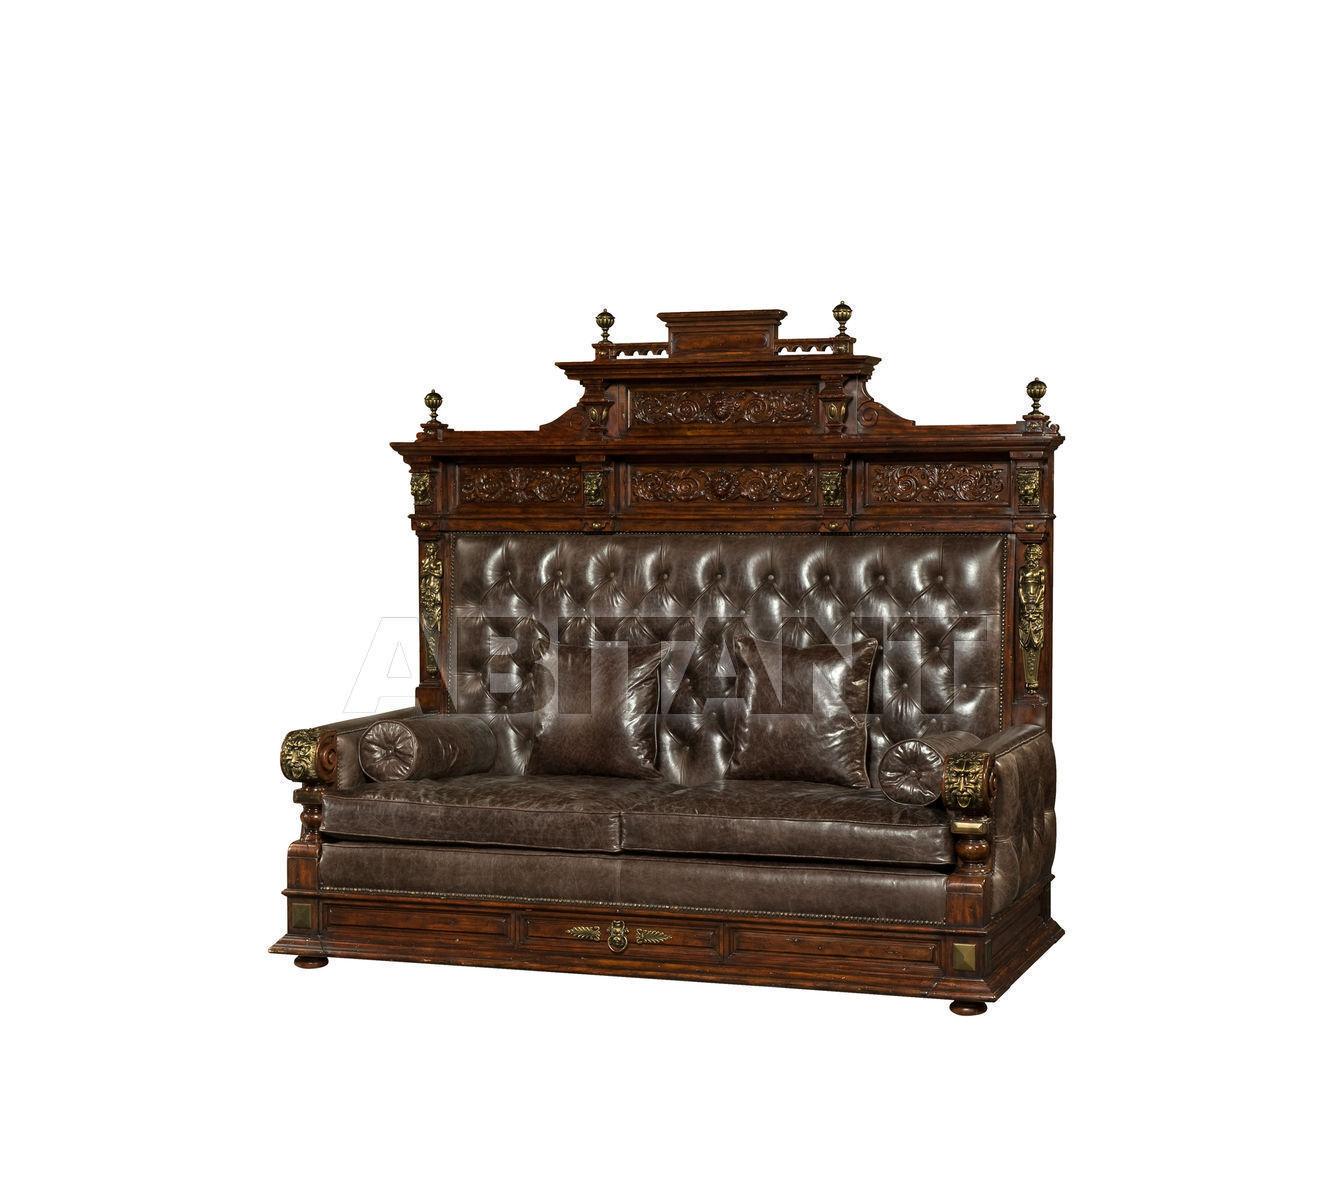 Купить Диван Theodore Alexander gal 45008